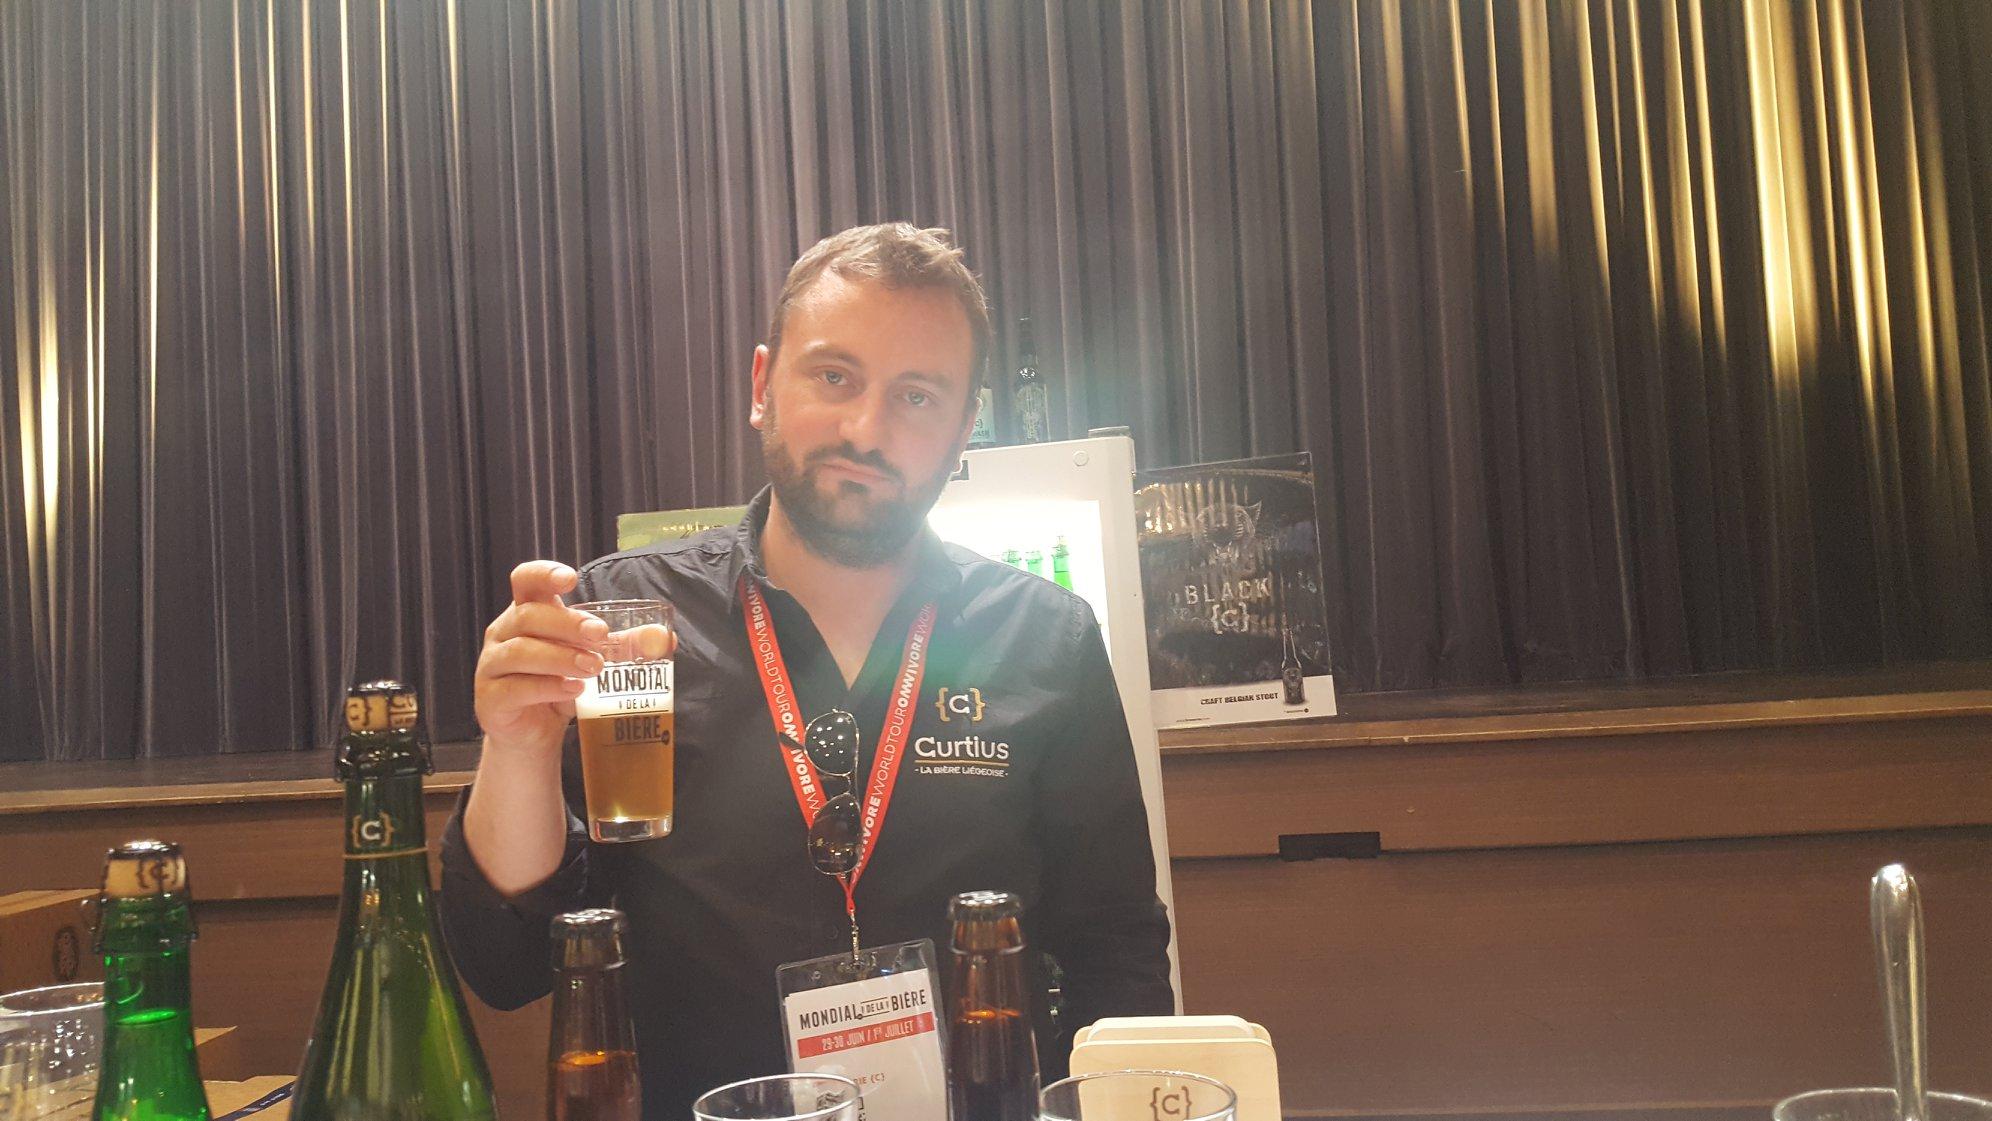 Curtius - Mondial de la bière 2018